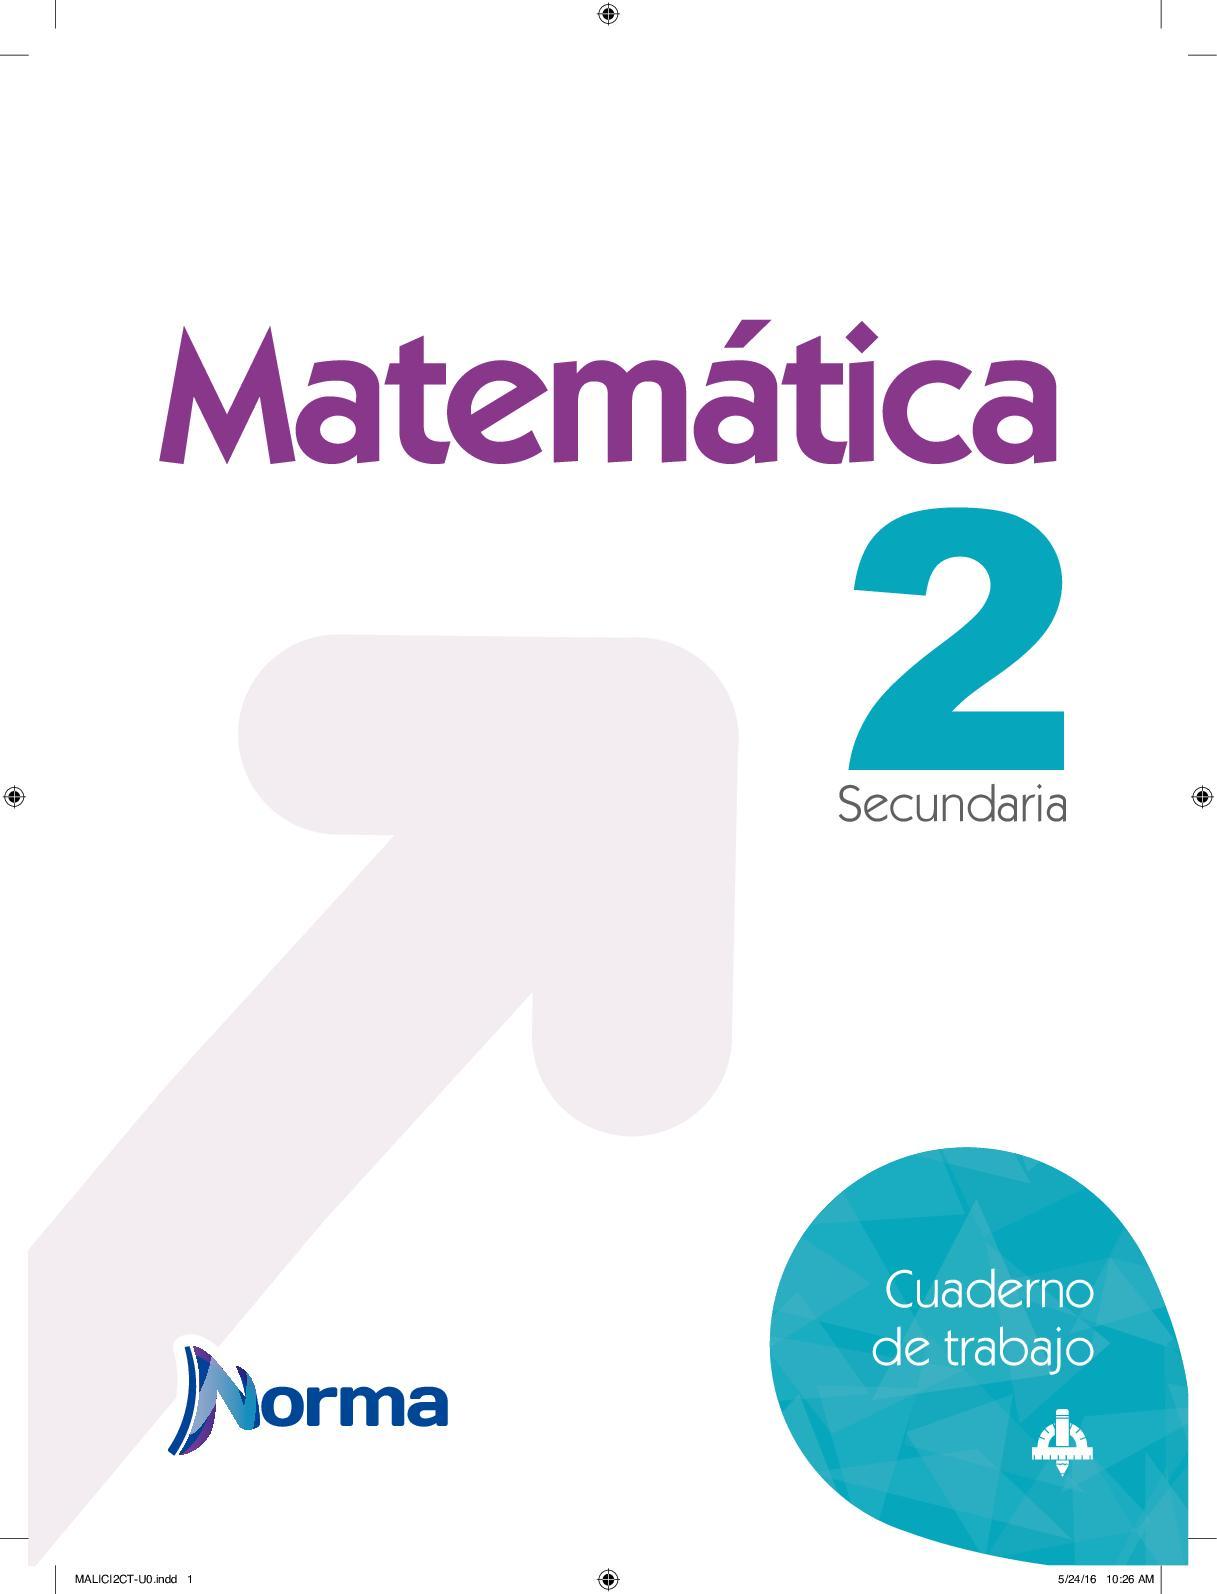 223e1afe11d Calaméo - Cuaderno De Trabajo Matematica 2